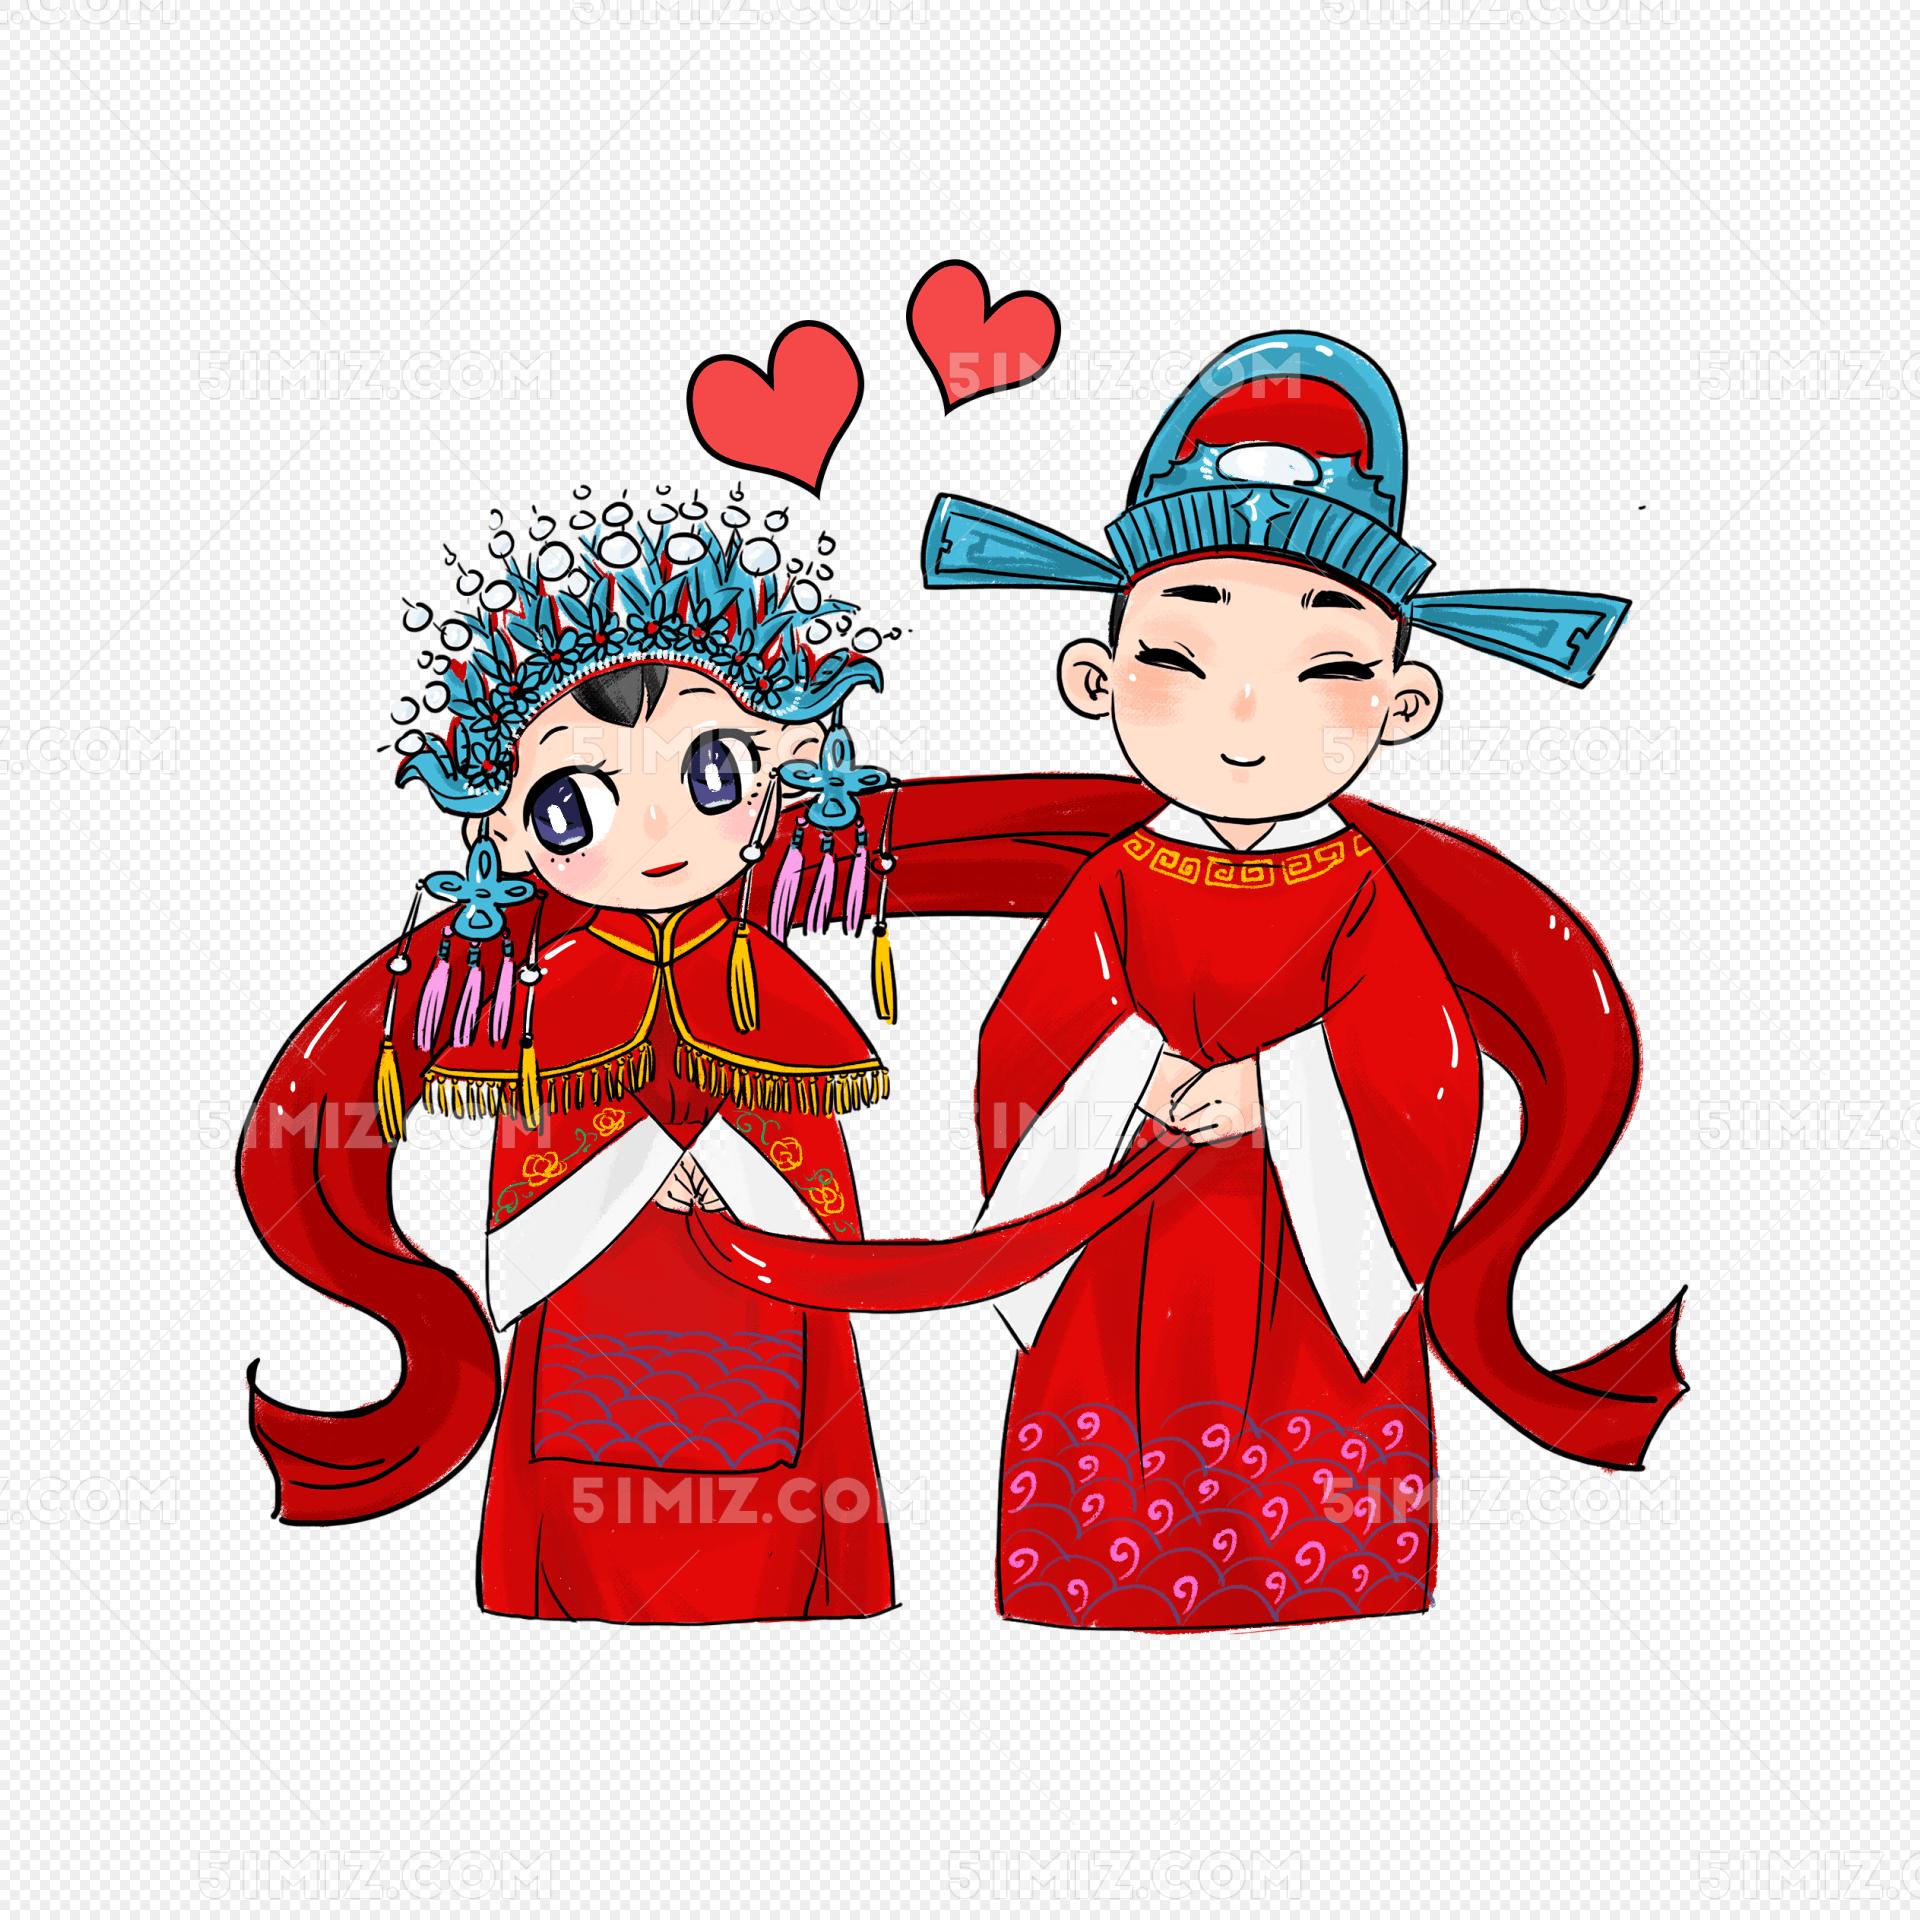 古代古装结婚礼服喜服新郎新娘手图片素材免费下载_觅